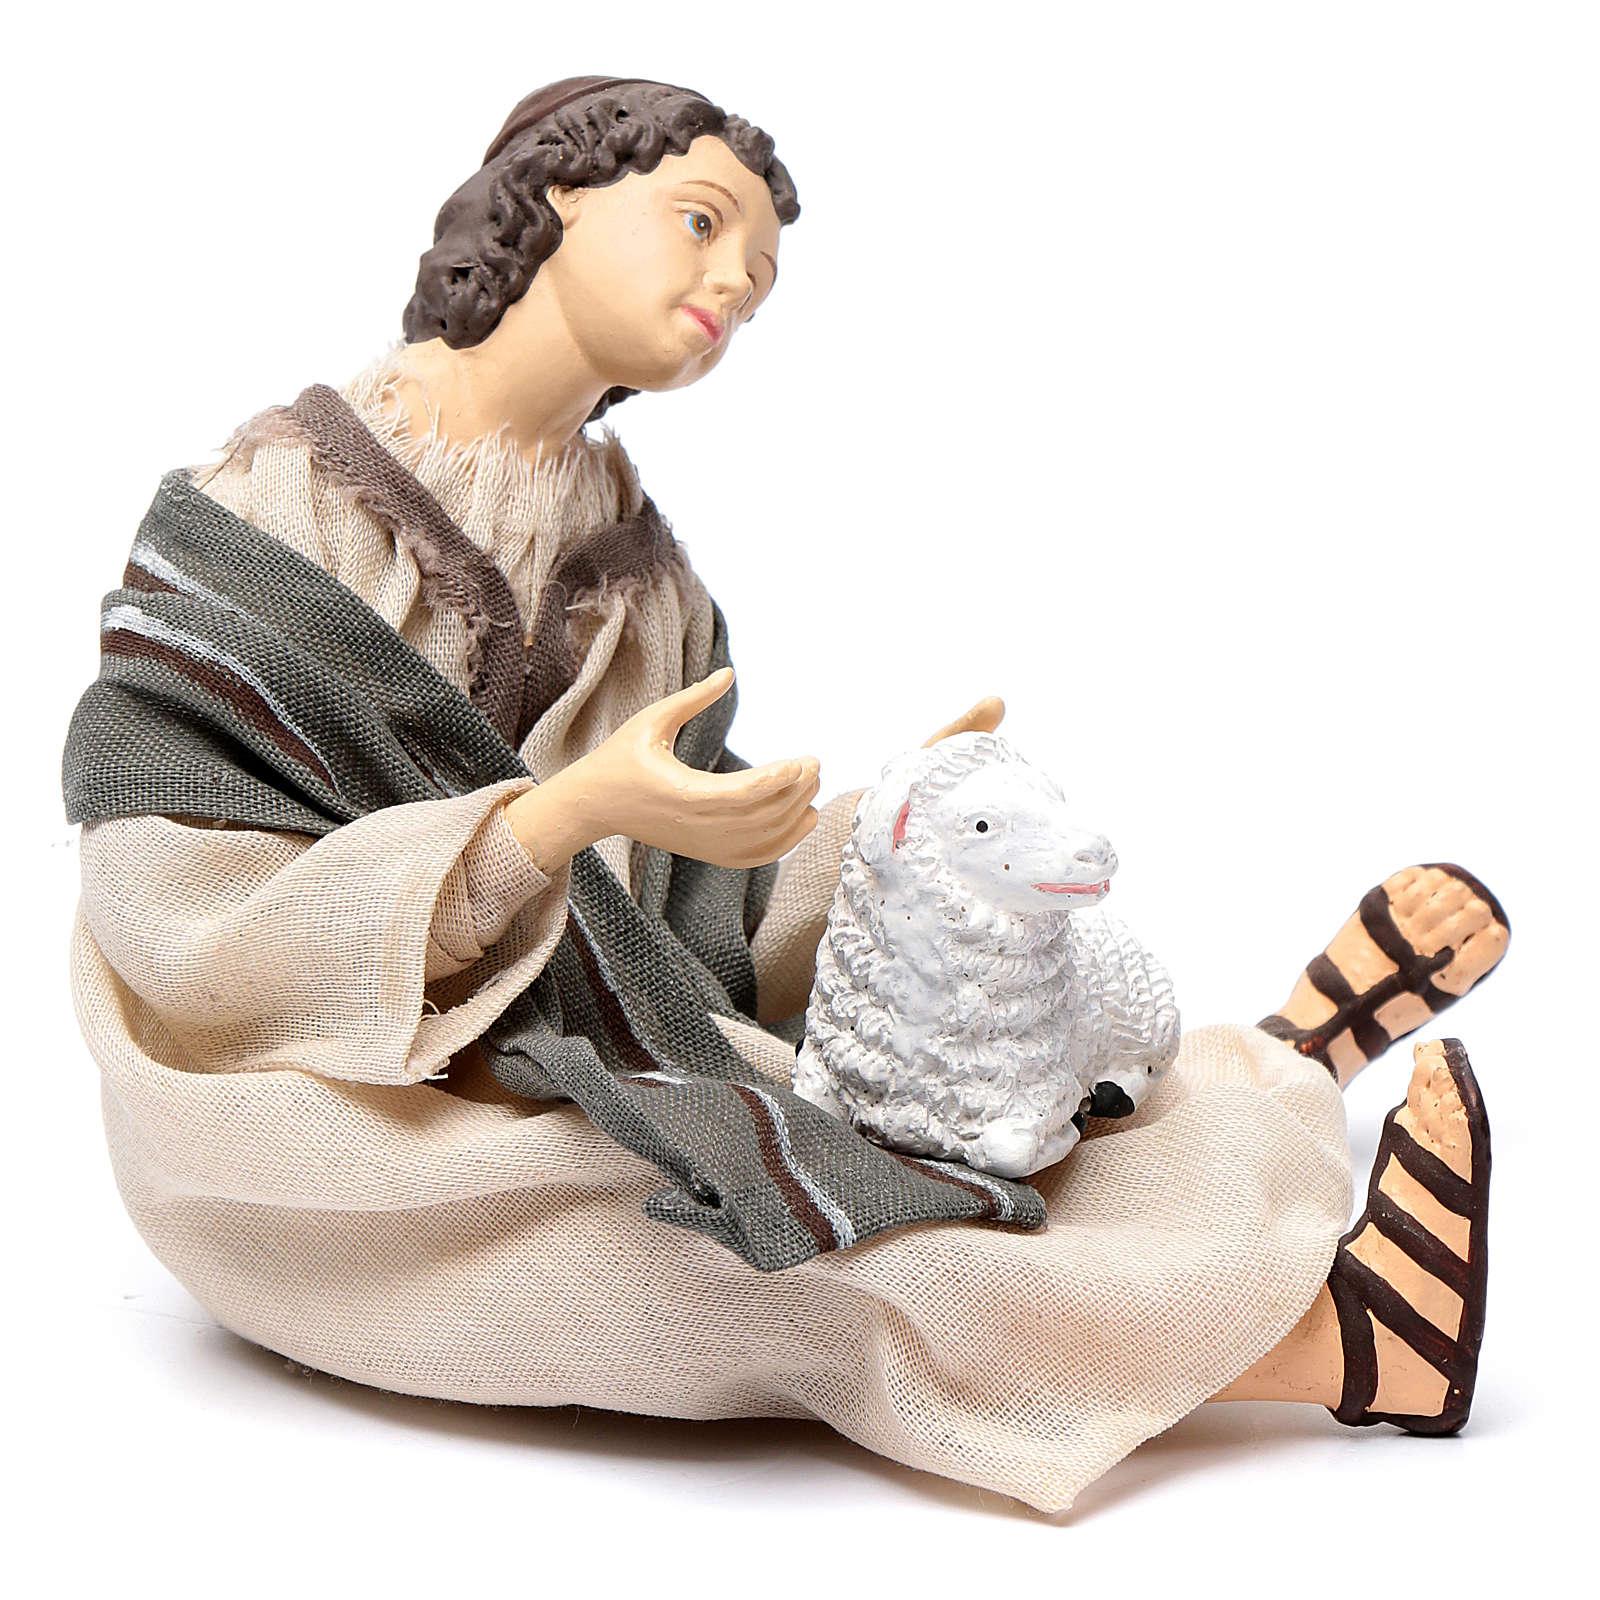 Pastore per presepe seduto con pecorella 15 cm resina 3